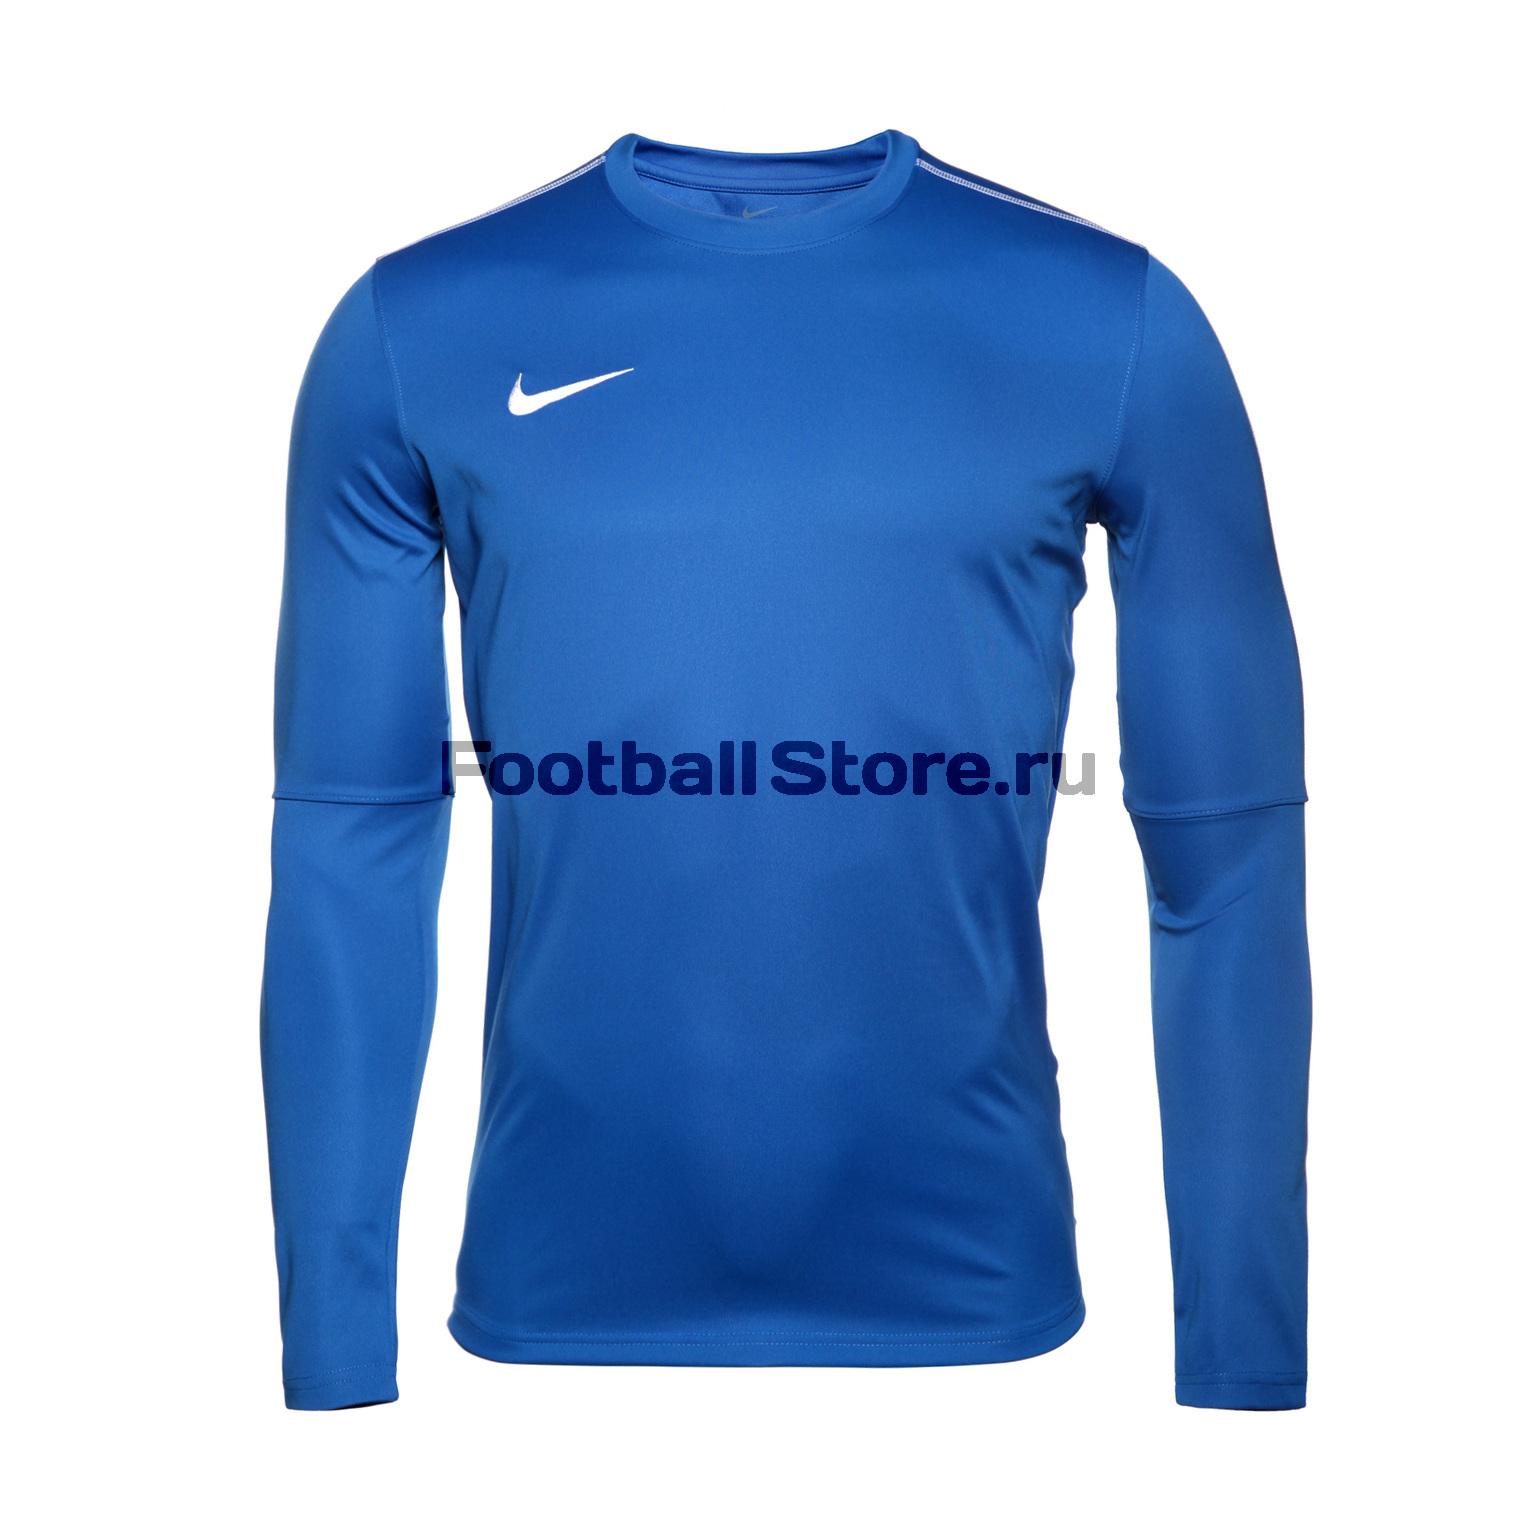 Свитер тренировочный Nike Dry Park18 Crew Top AA2088-463 цена